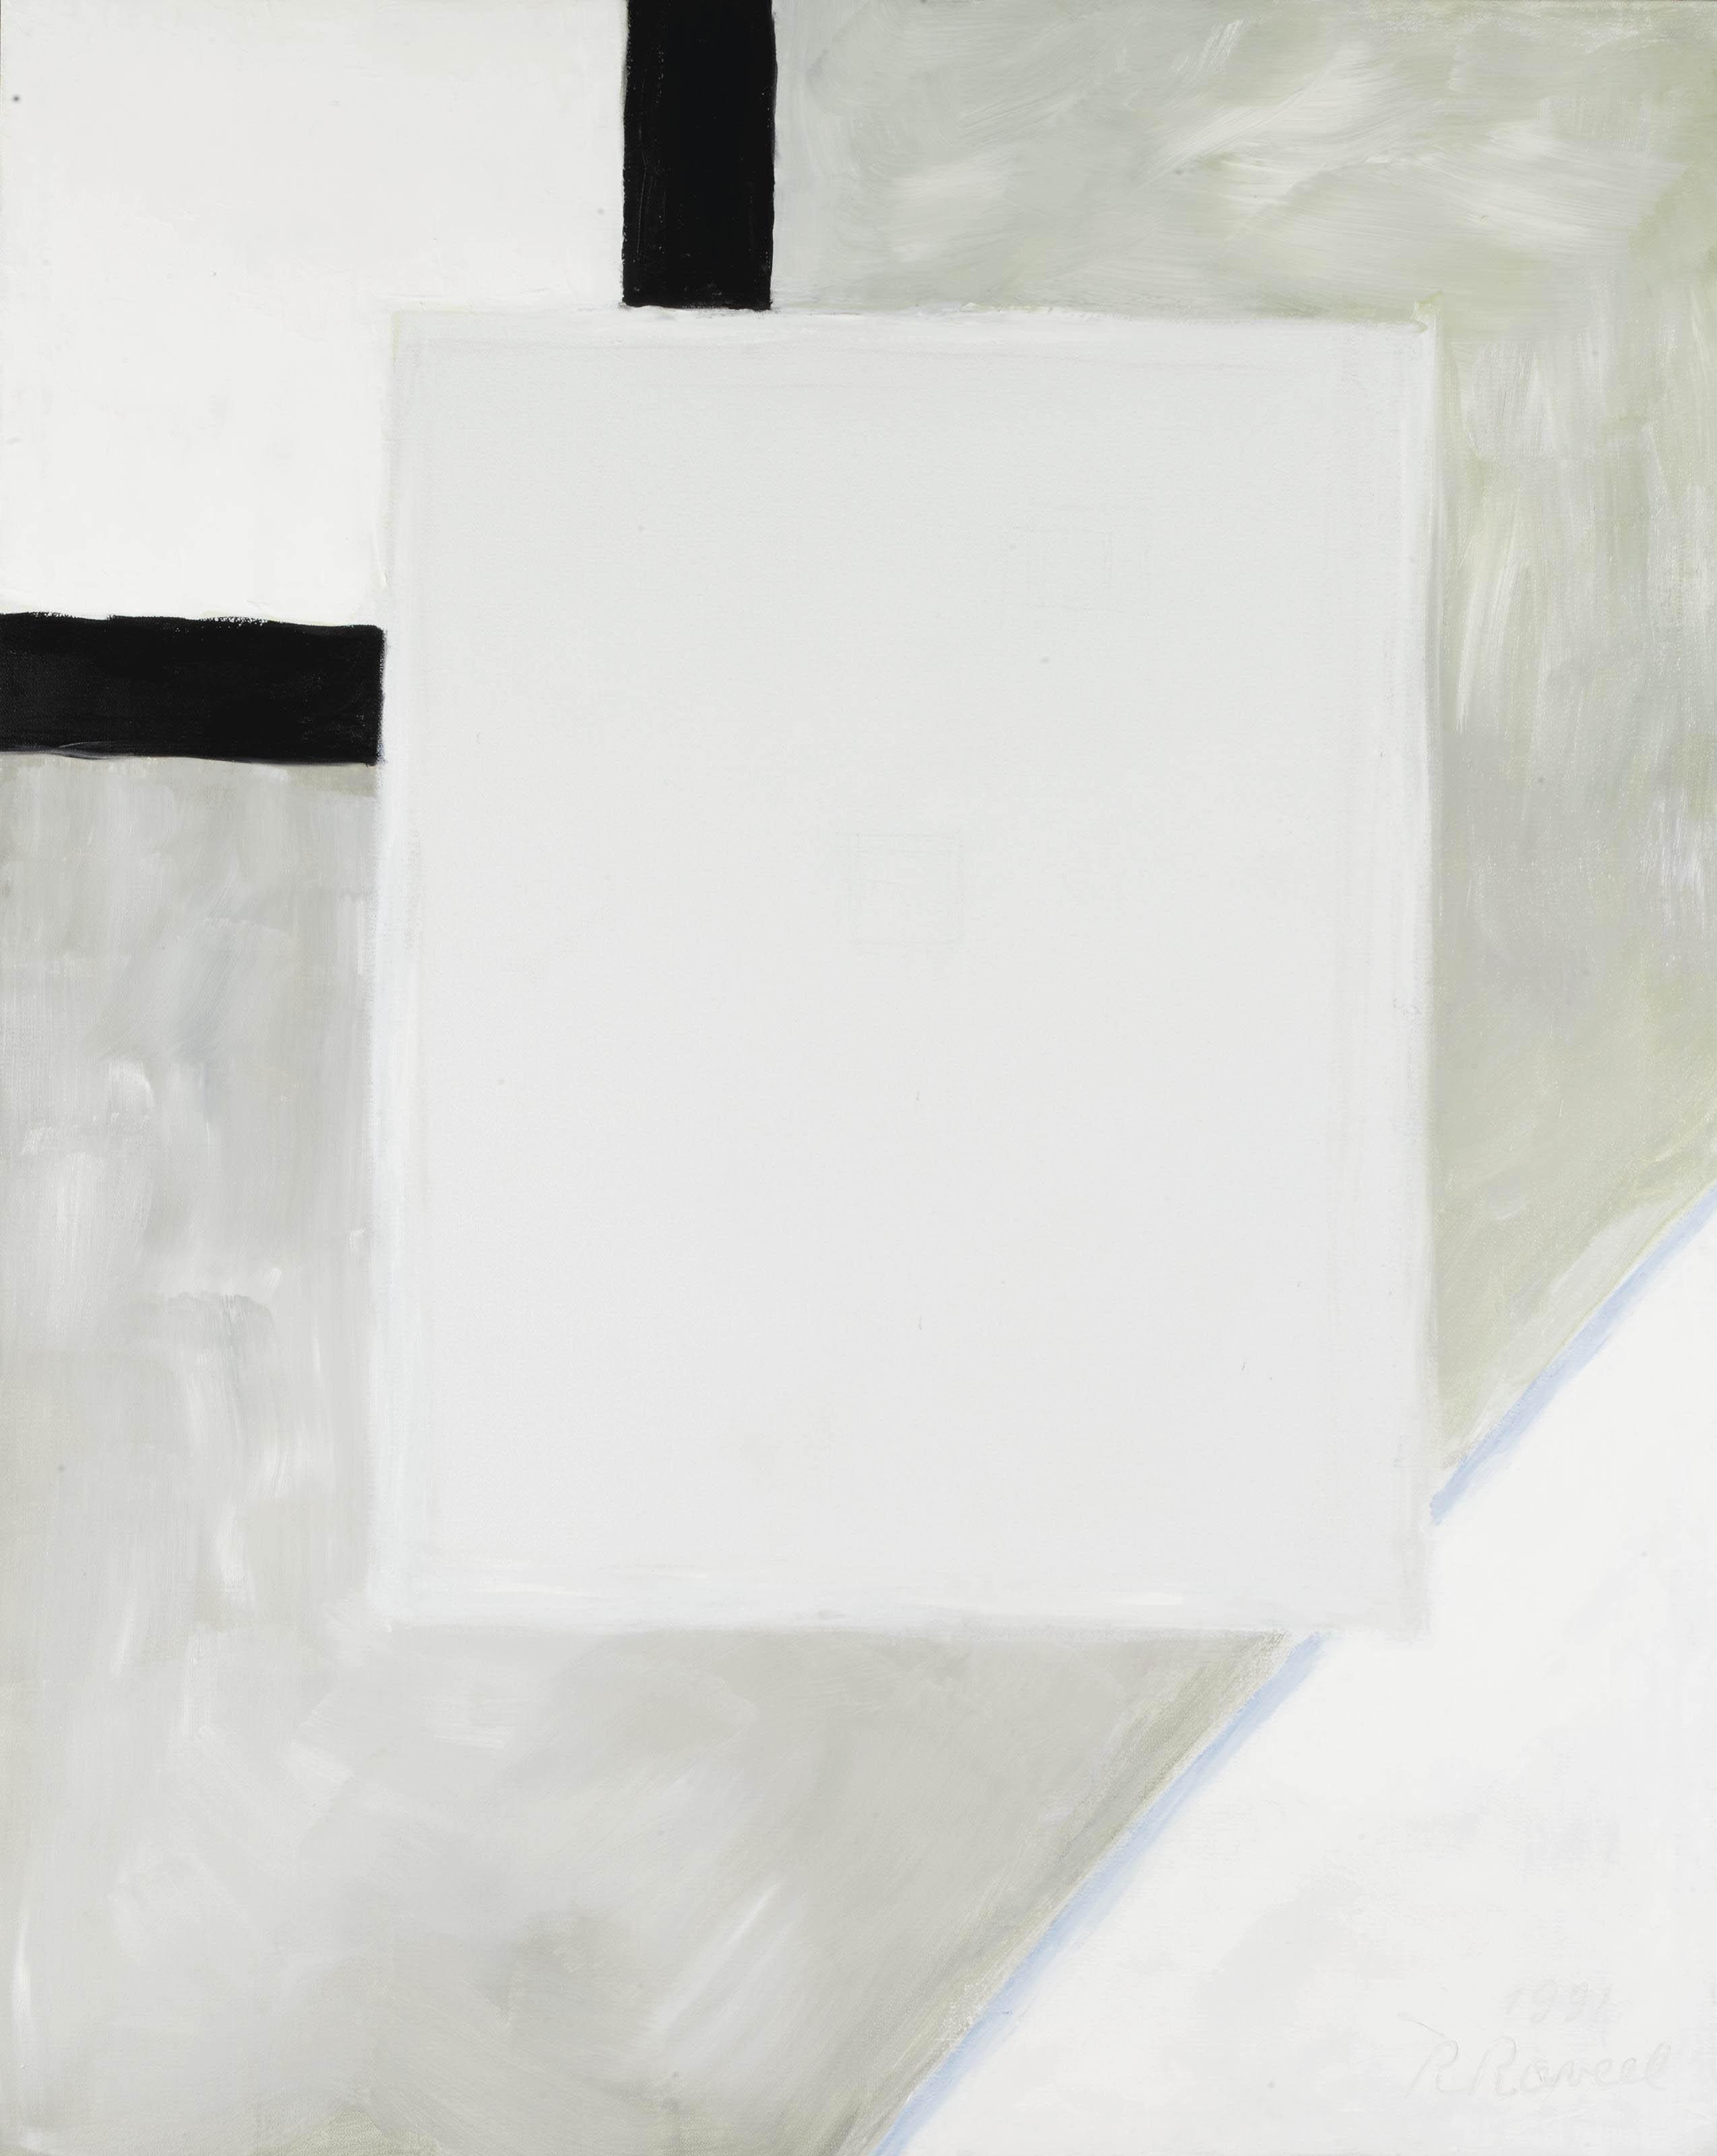 Interieur met rechthoek